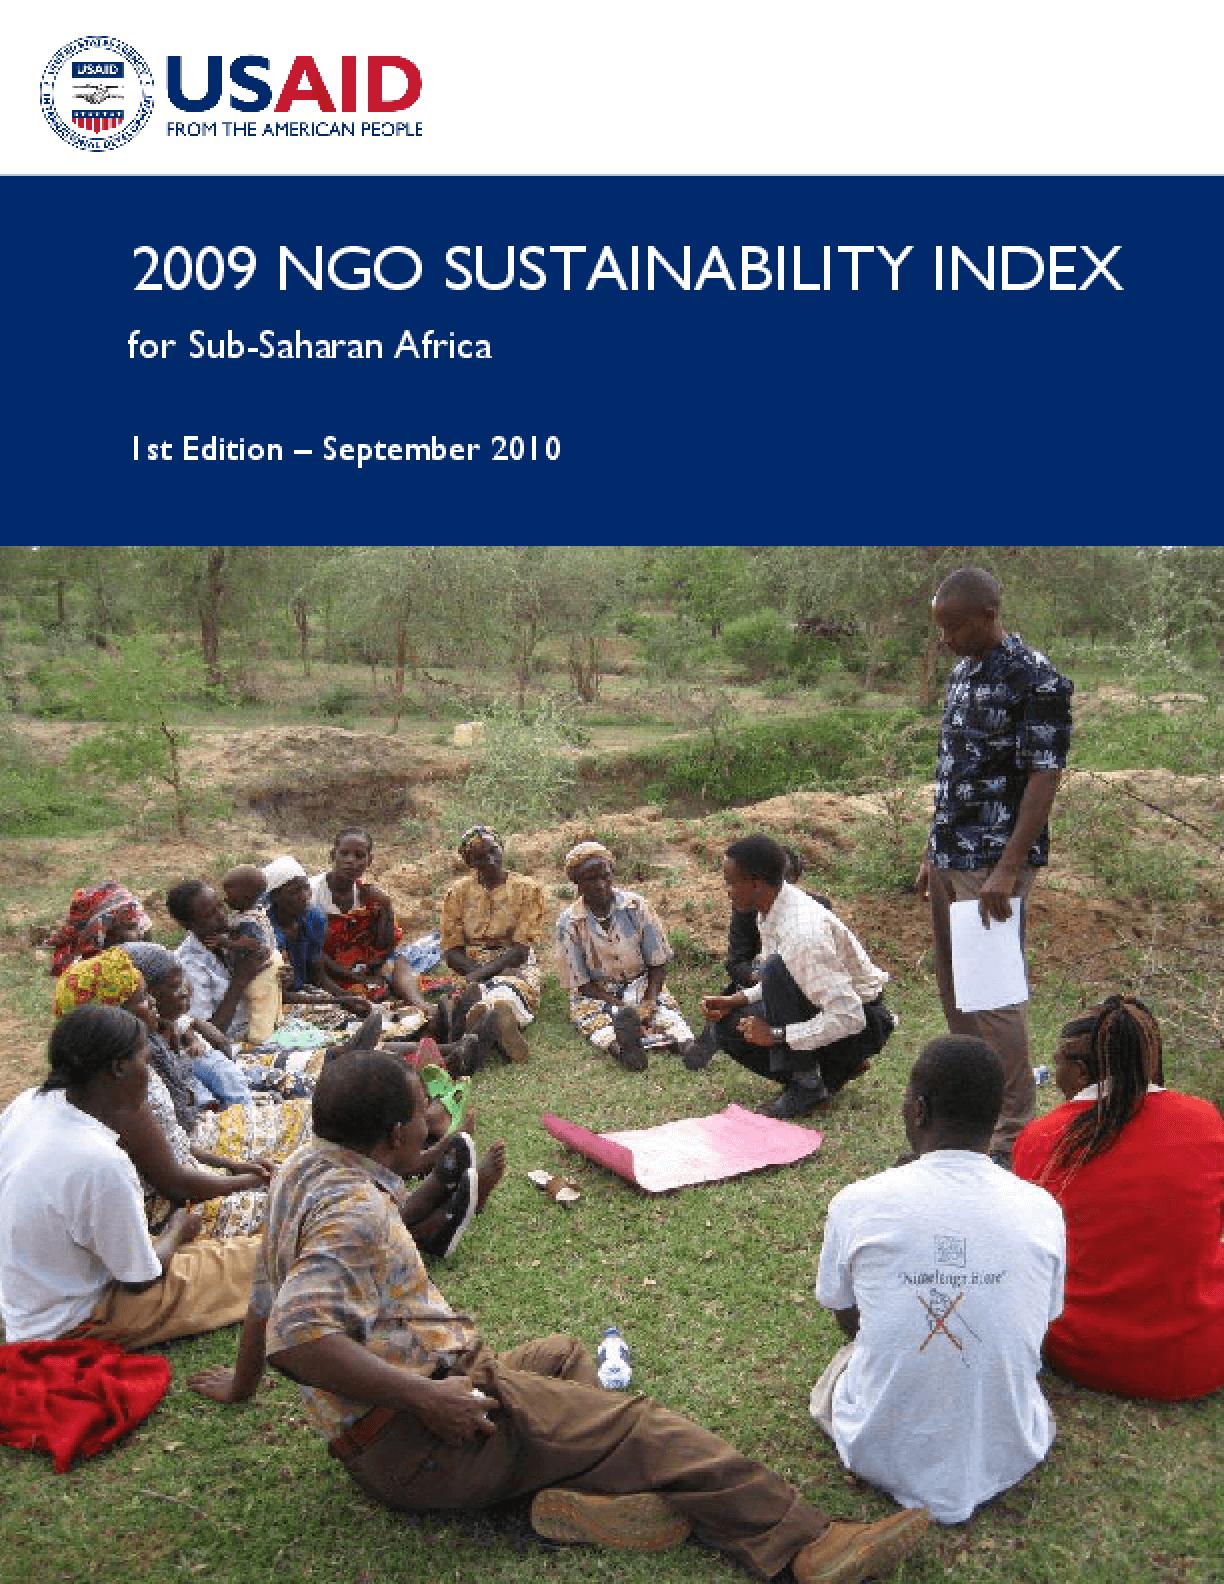 2009 NGO Sustainability Index, Sub-Saharan Africa